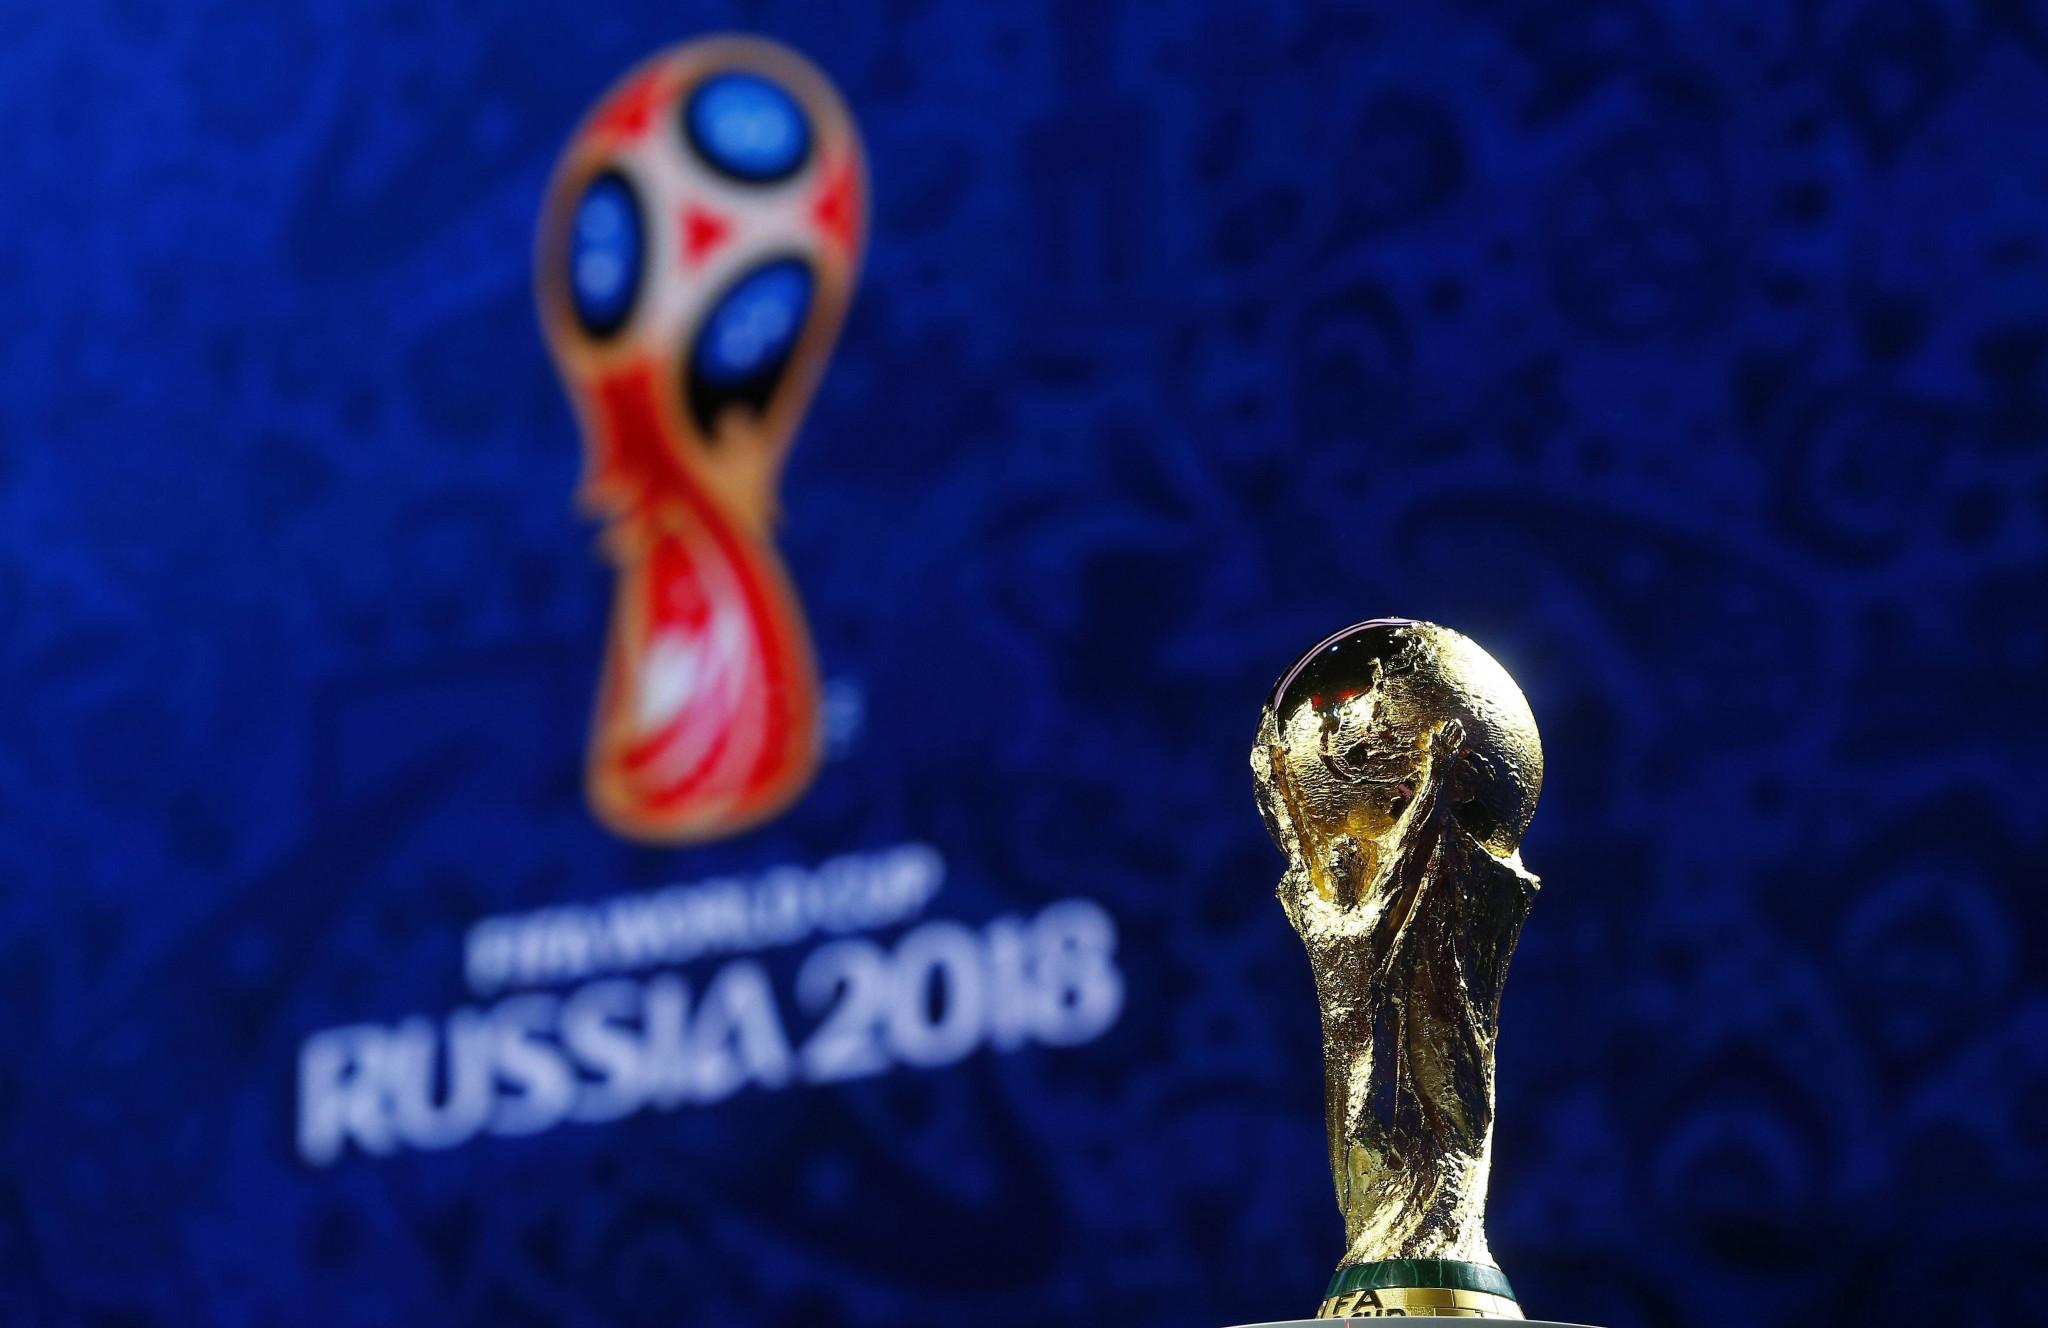 Путин поведал оподготовке кчемпионату мира пофутболу 2018 года